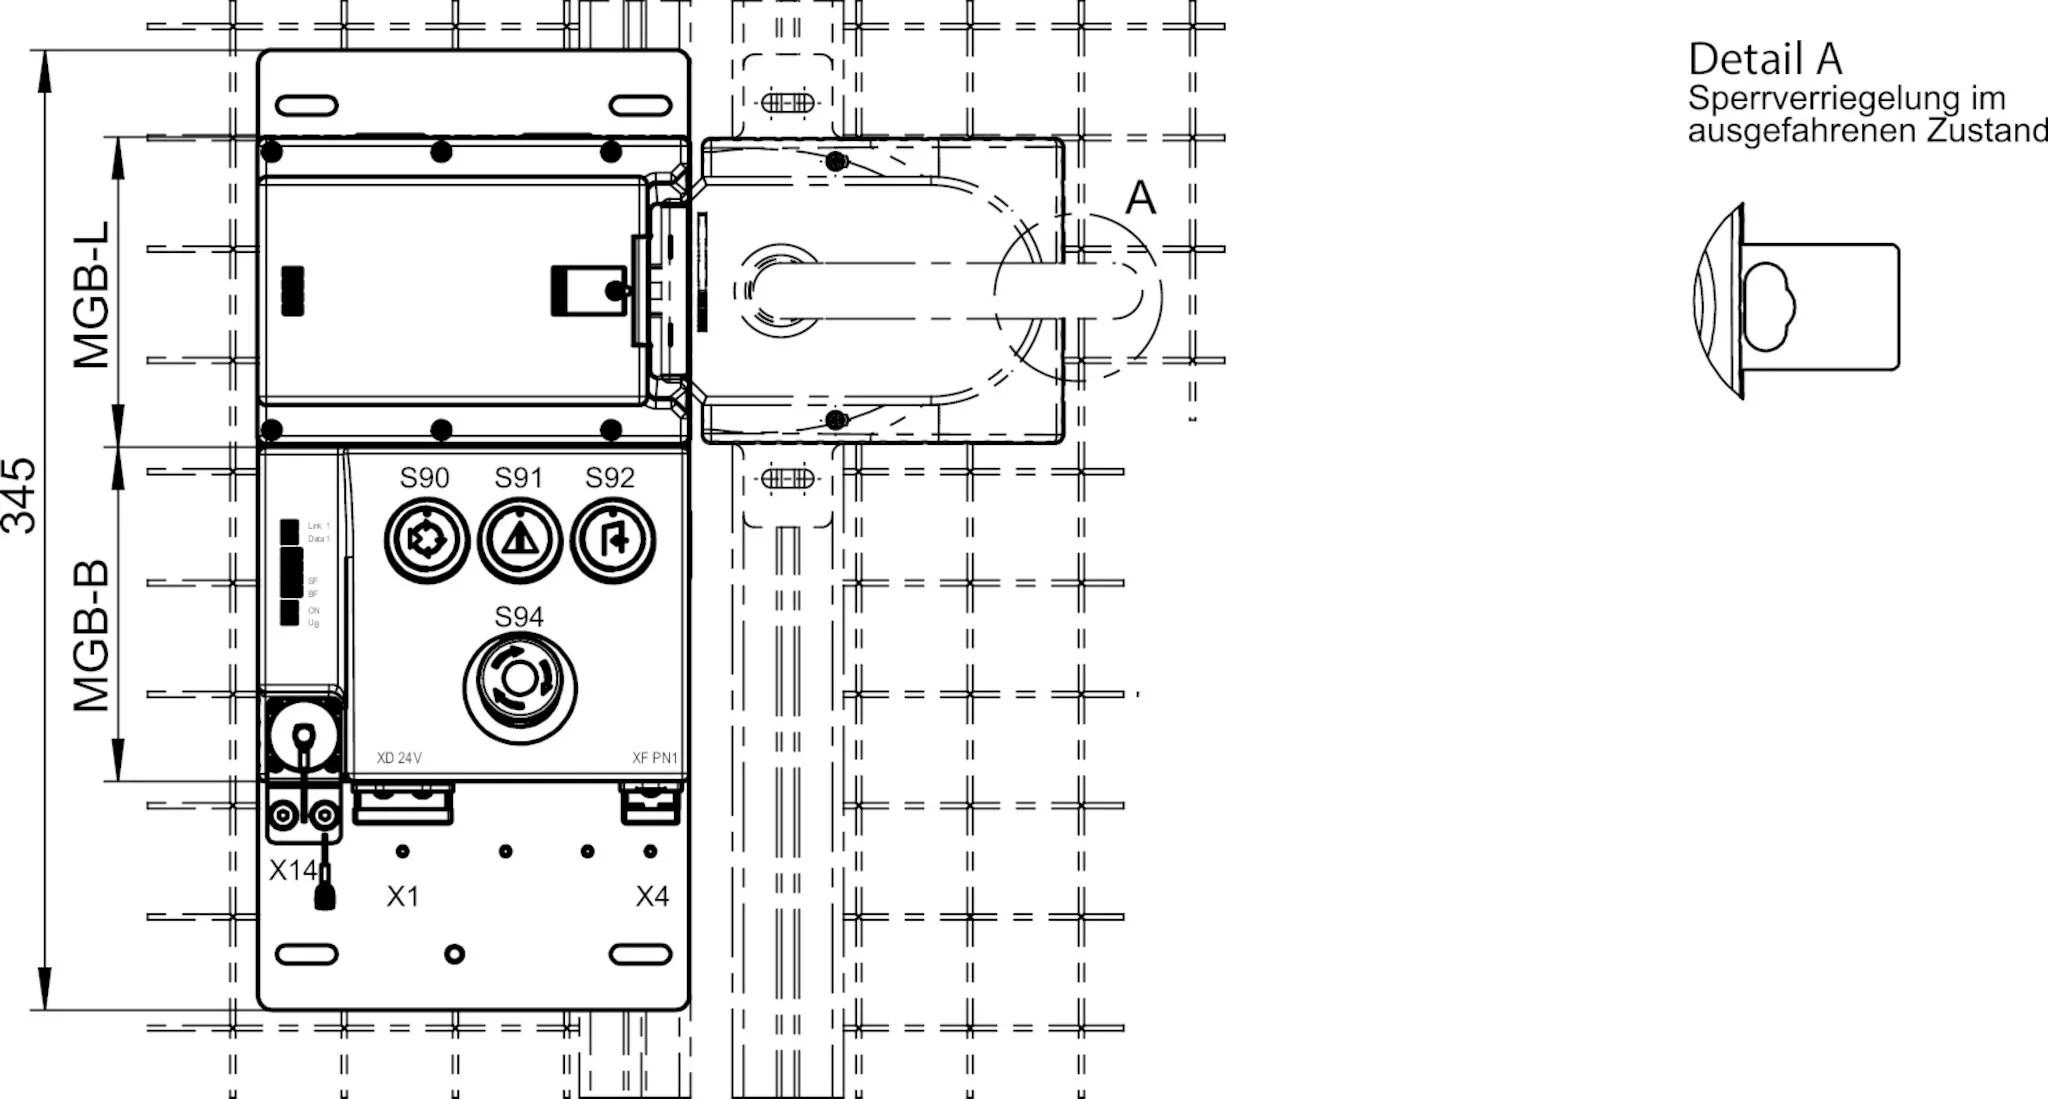 MGB-L2B-PNC-L-117026 Evaluation module and bus module MGB